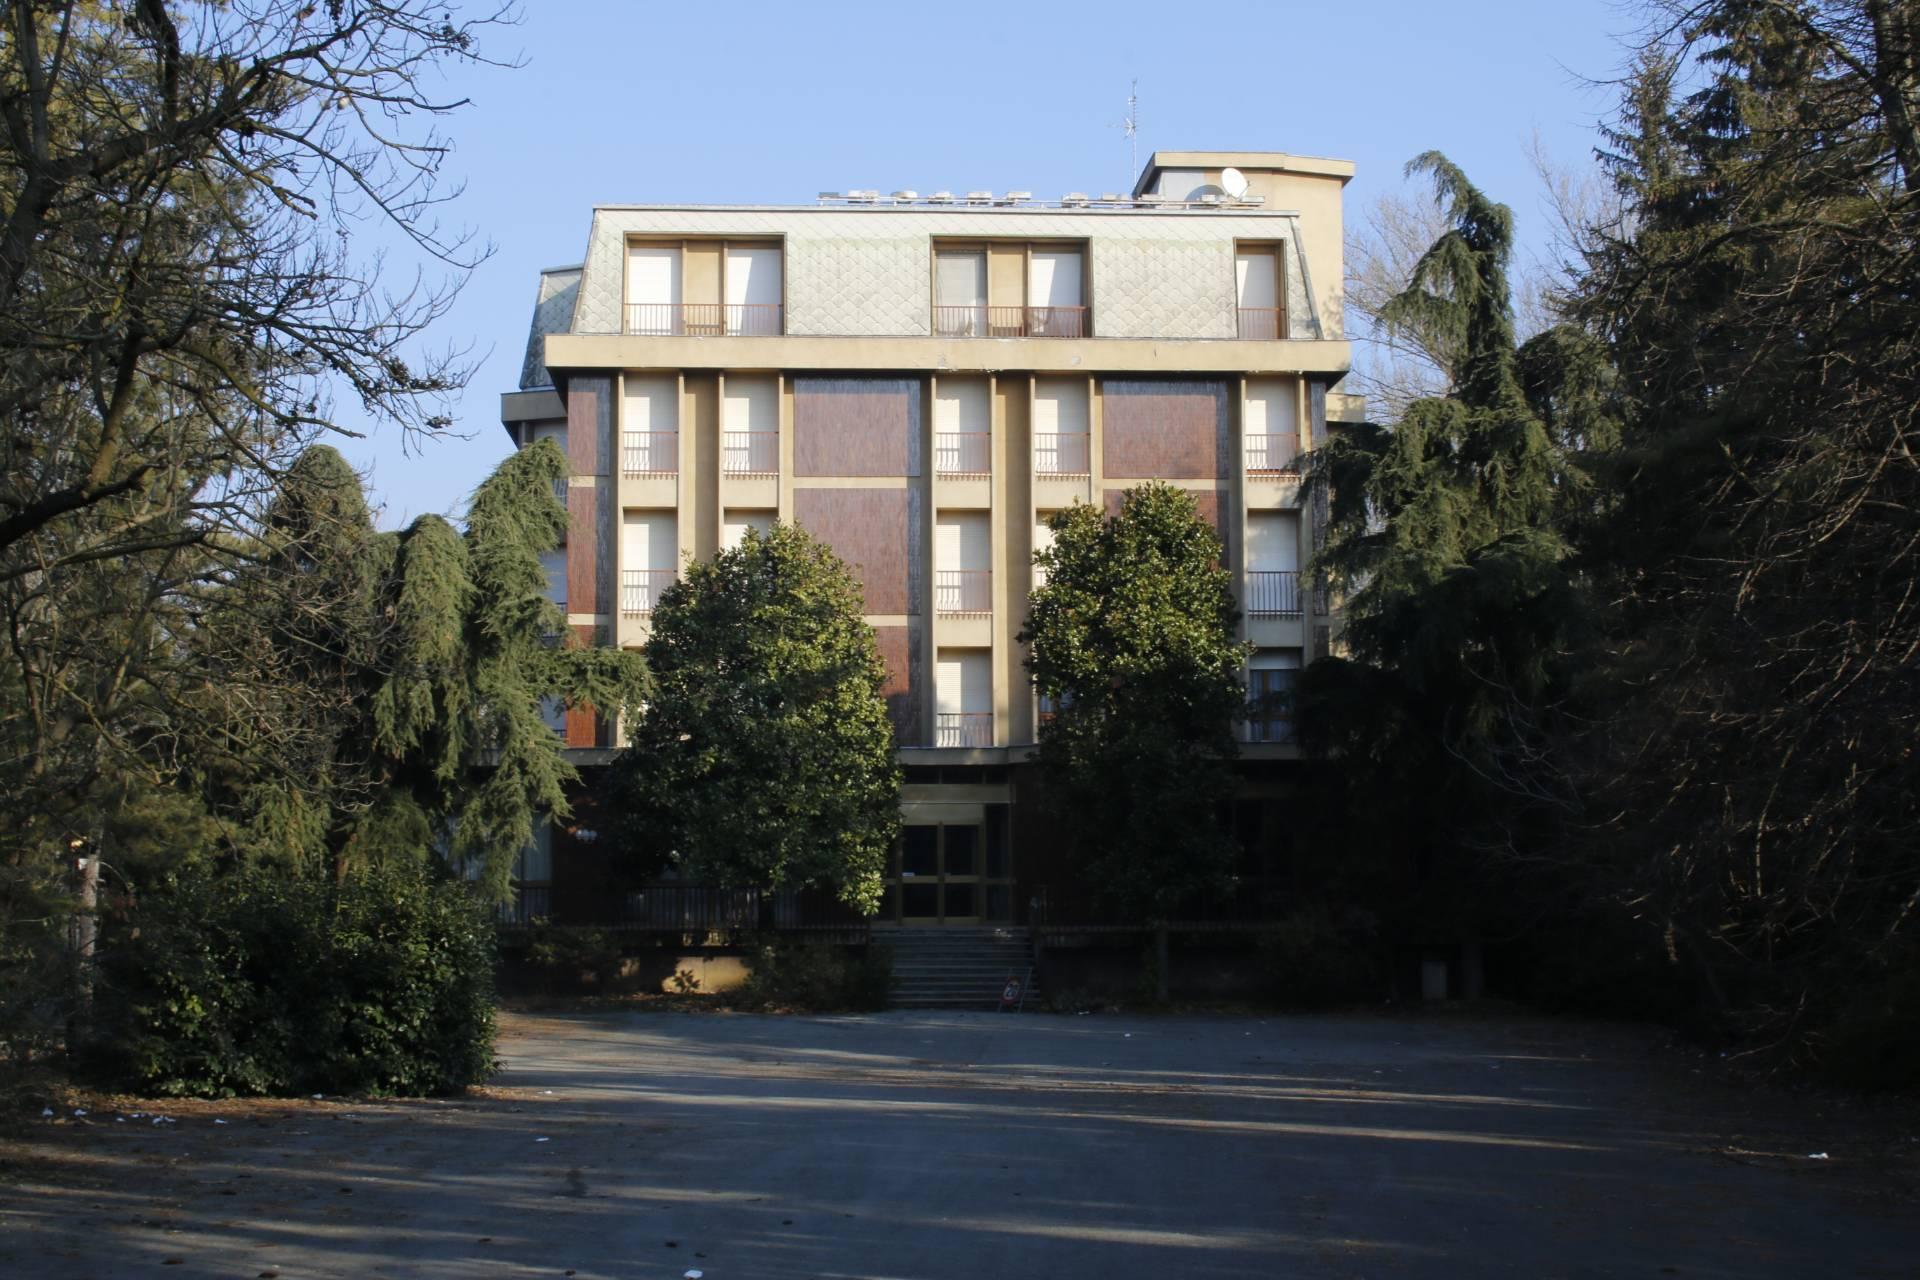 Palazzo/Palazzina/Stabile in vendita - 2633 mq